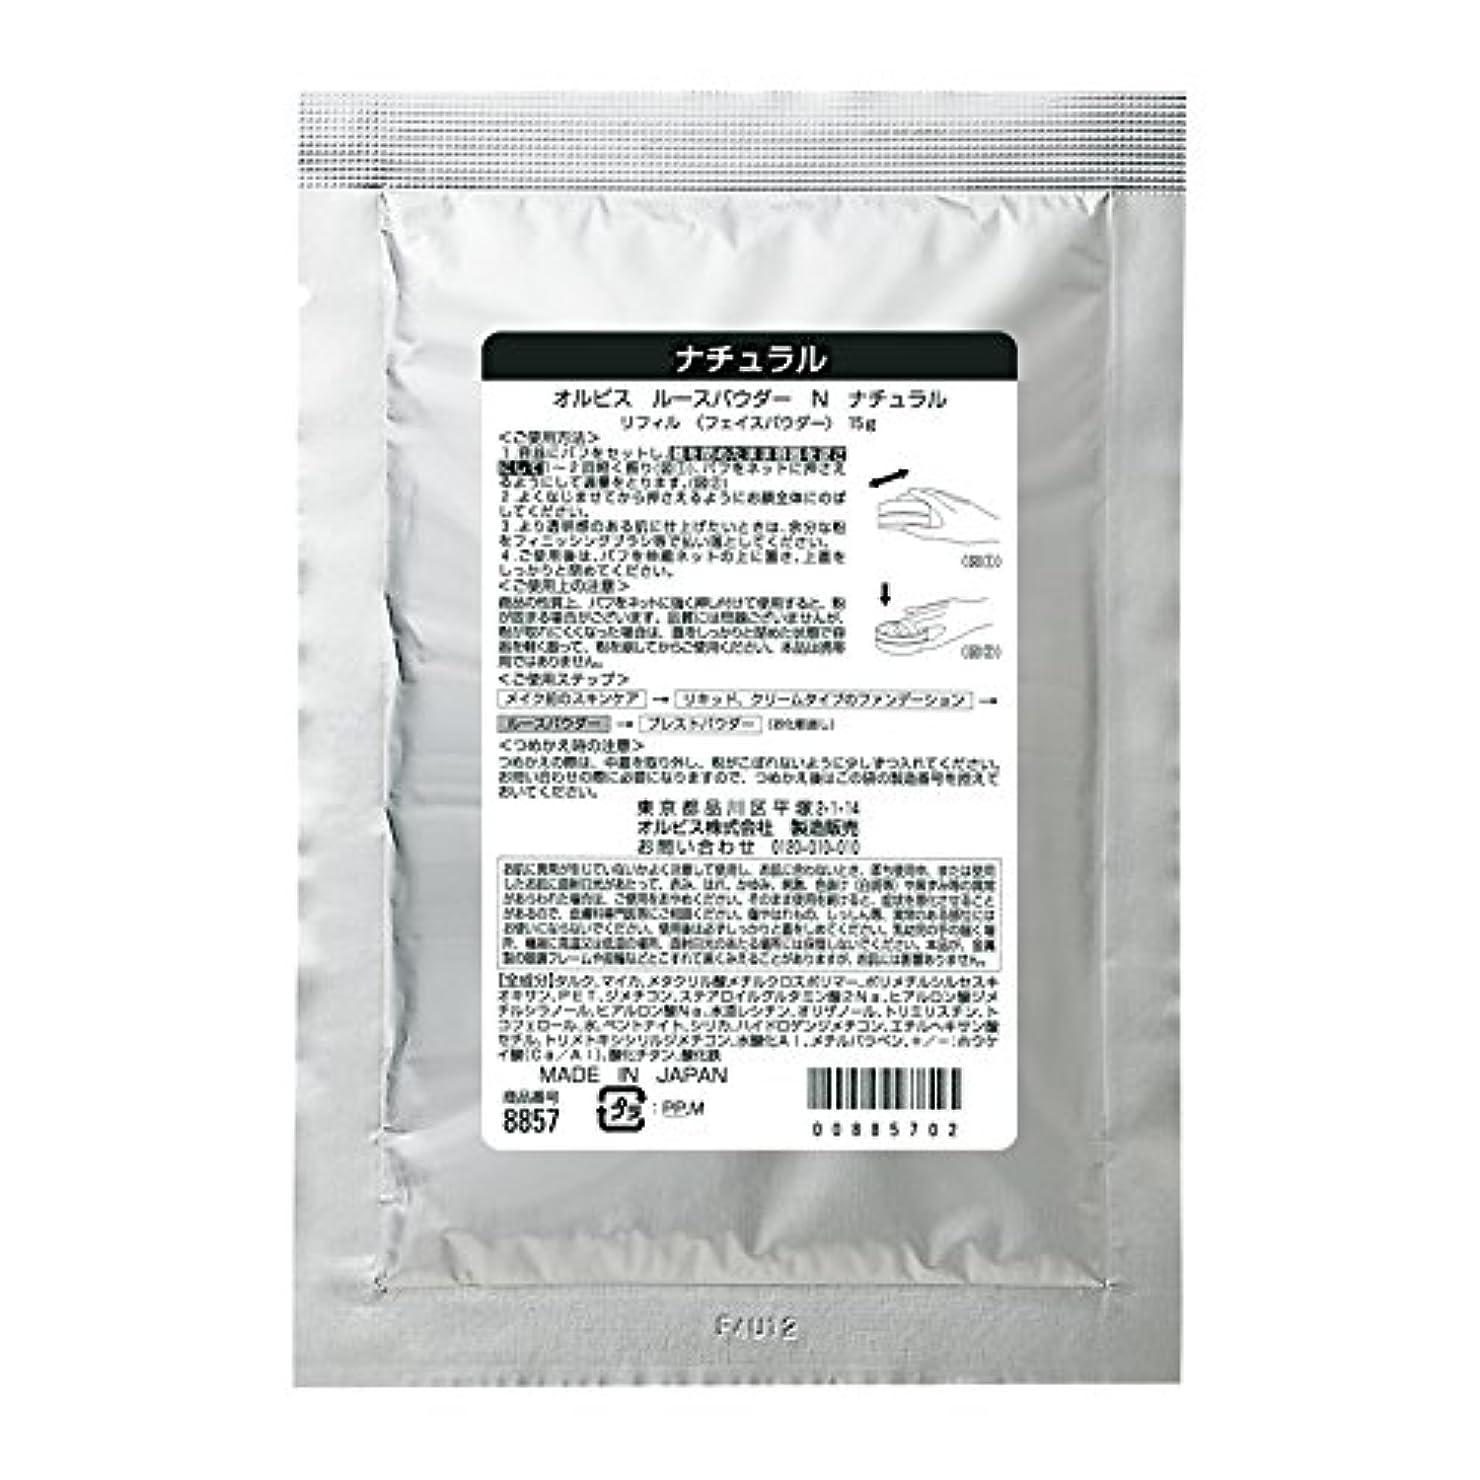 ショッピングセンタースタイルうめきオルビス(ORBIS) ルースパウダー リフィル(粉のみ?袋入り) ナチュラル 15g